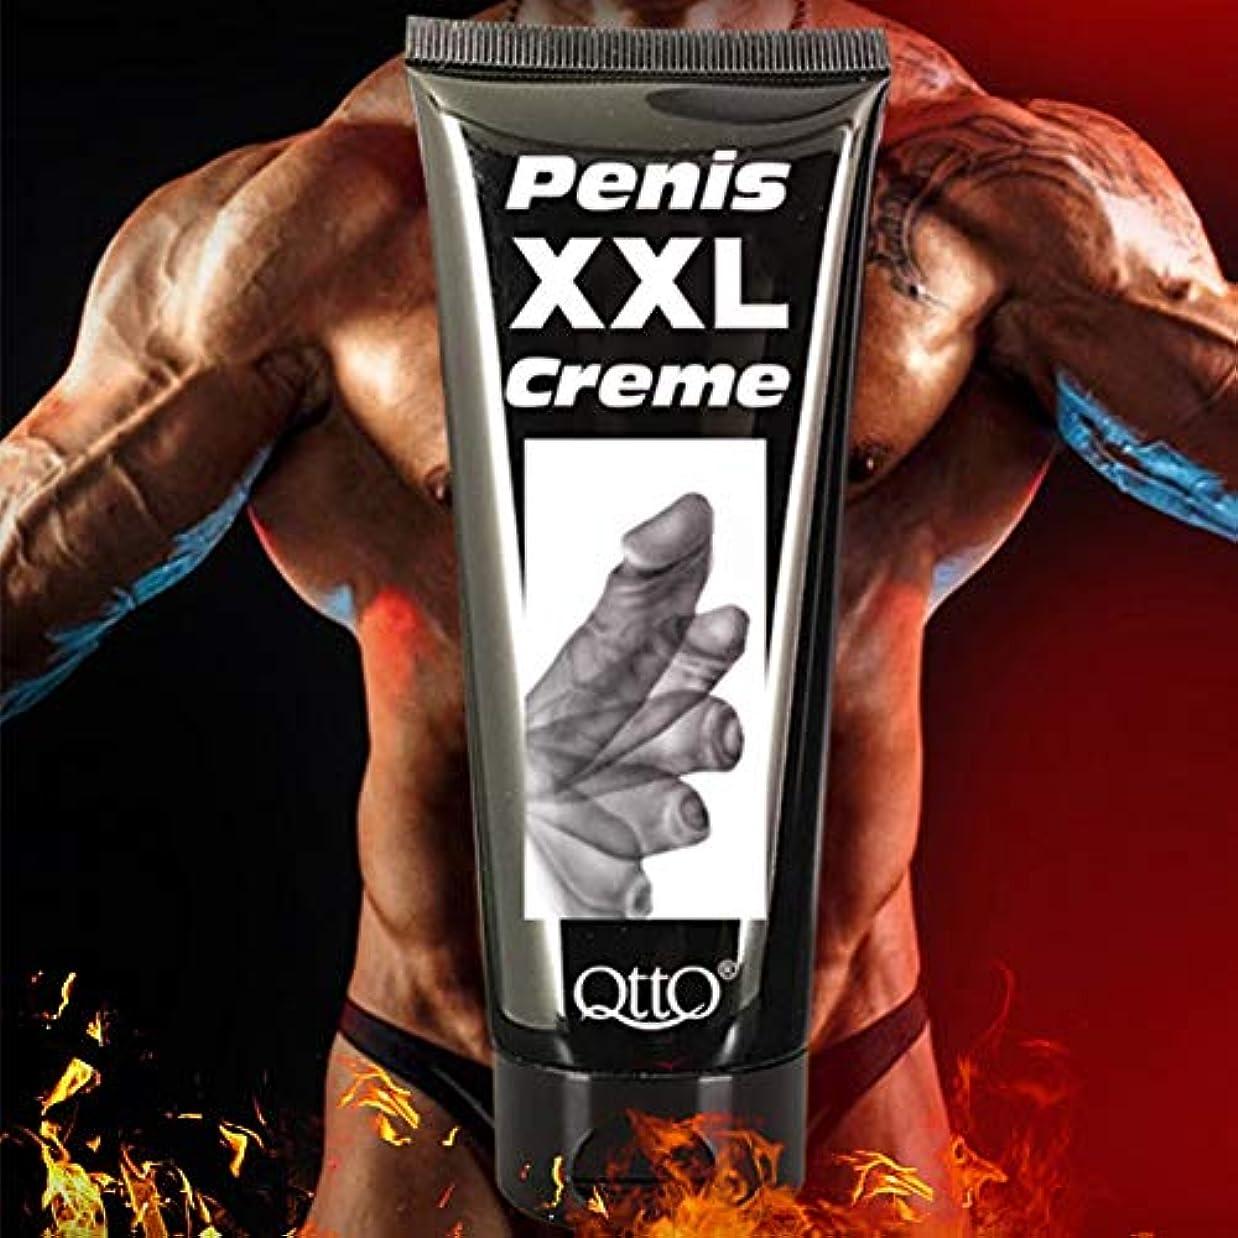 推進発明する該当するBalai 男性用 ペニス拡大 クリームビッグディック 濃厚化成長強化パフォーマンス セックス製品